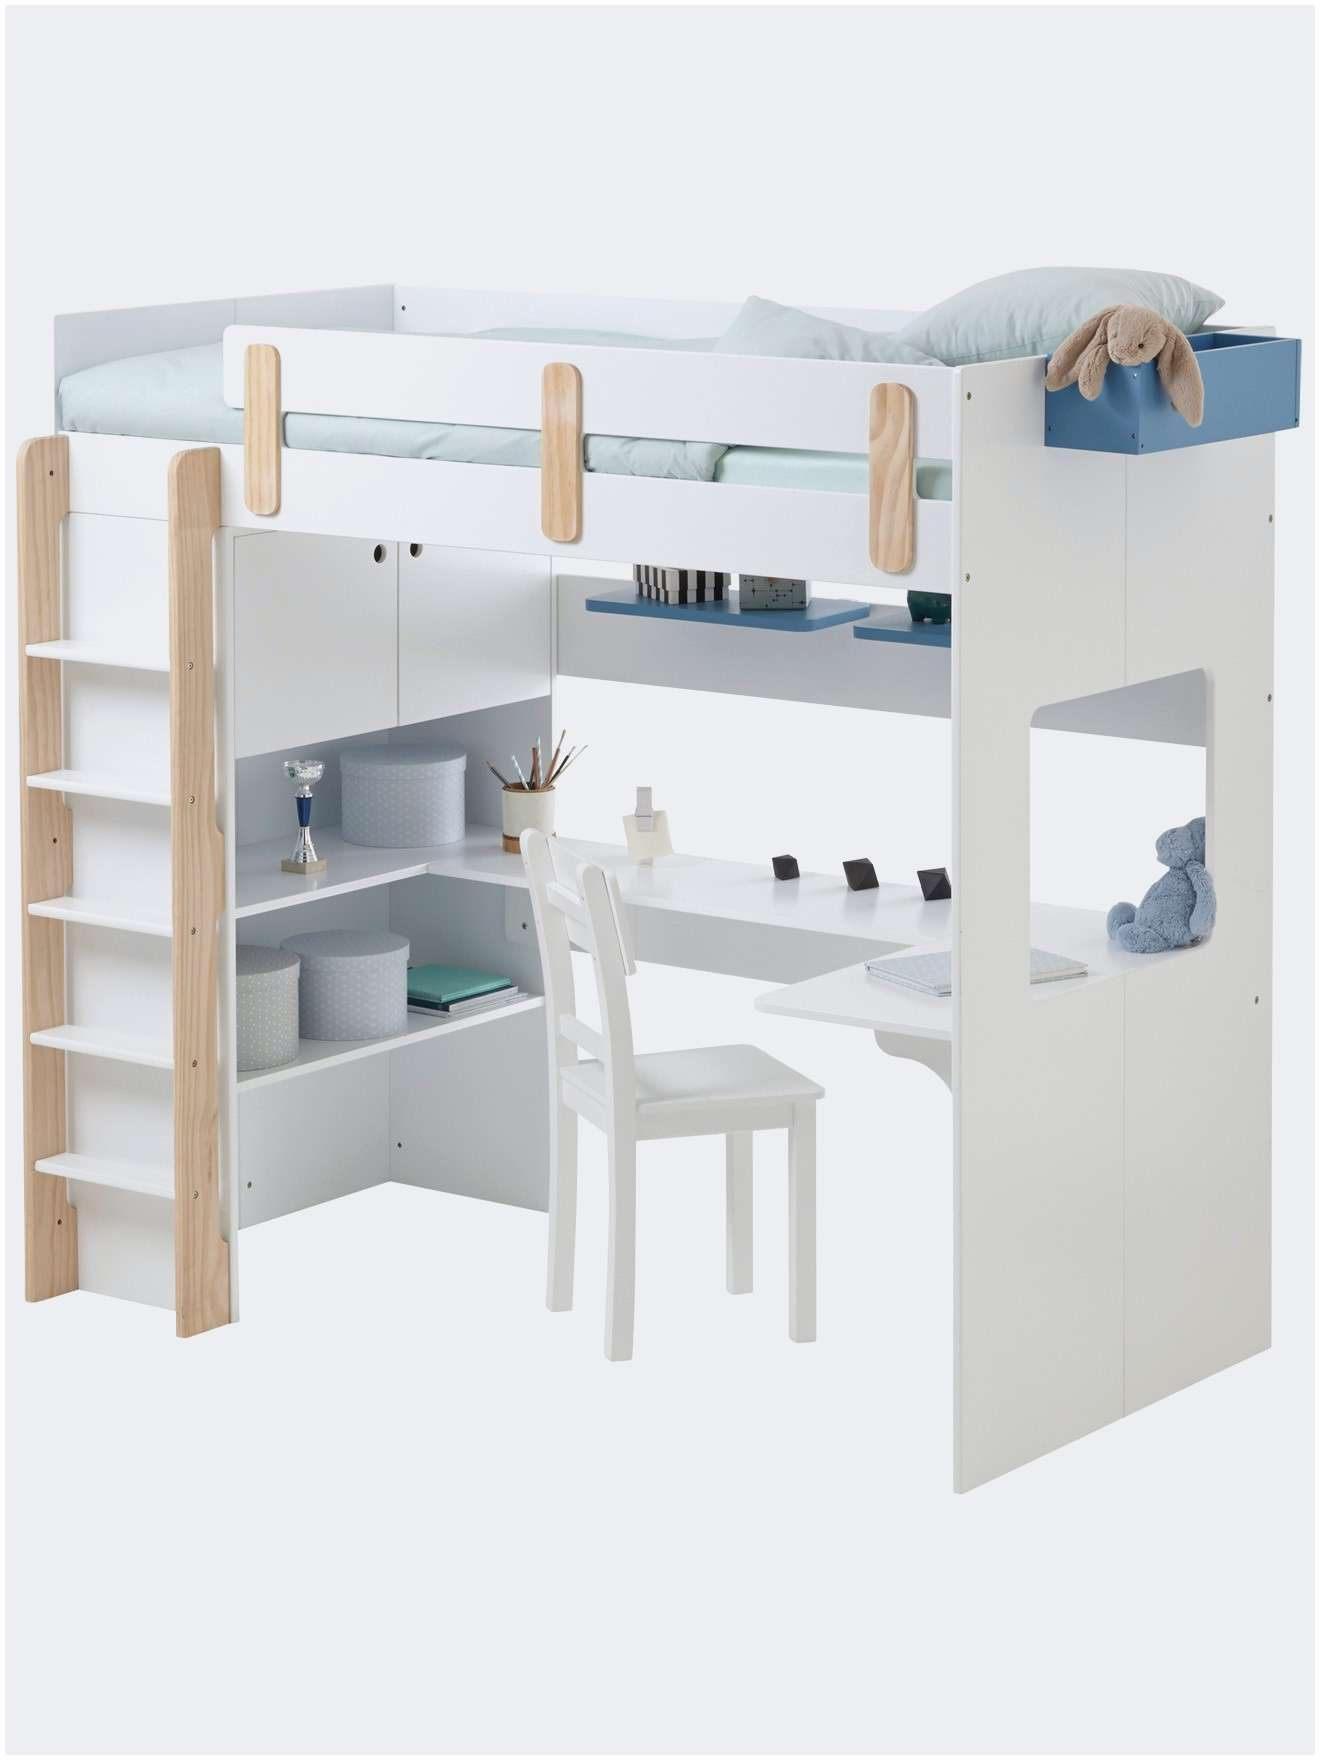 Lit Superposé 3 Places Bois Impressionnant Frais Lit Mezzanine Ikea 2 Places Pour Alternative Lit Superposé